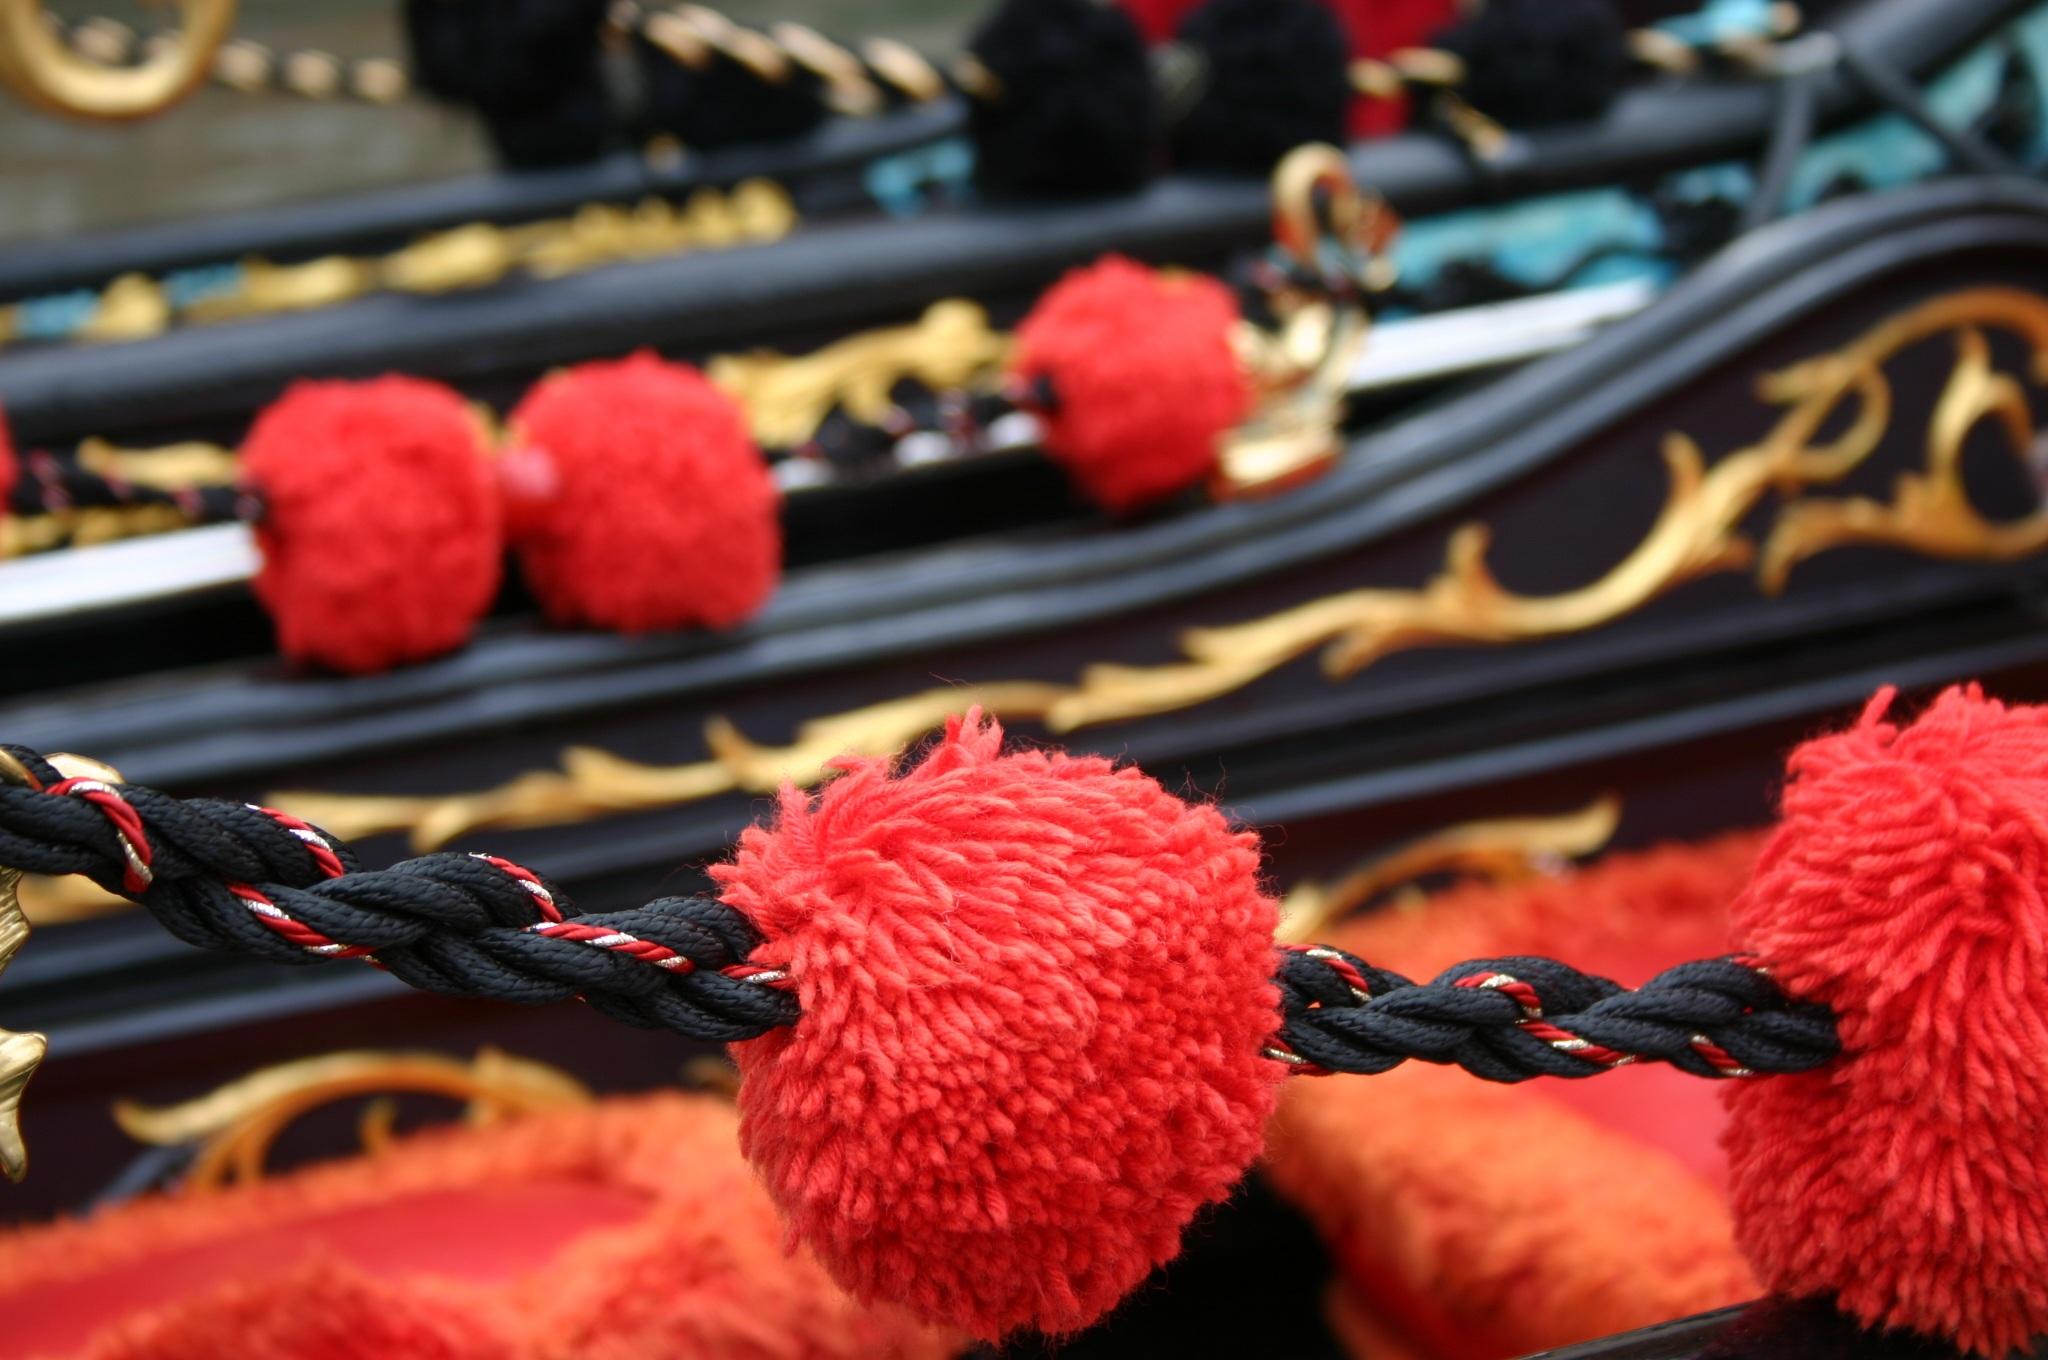 Fotos gratis : flor, rojo, color, Venecia, Pom pom, decoración ...